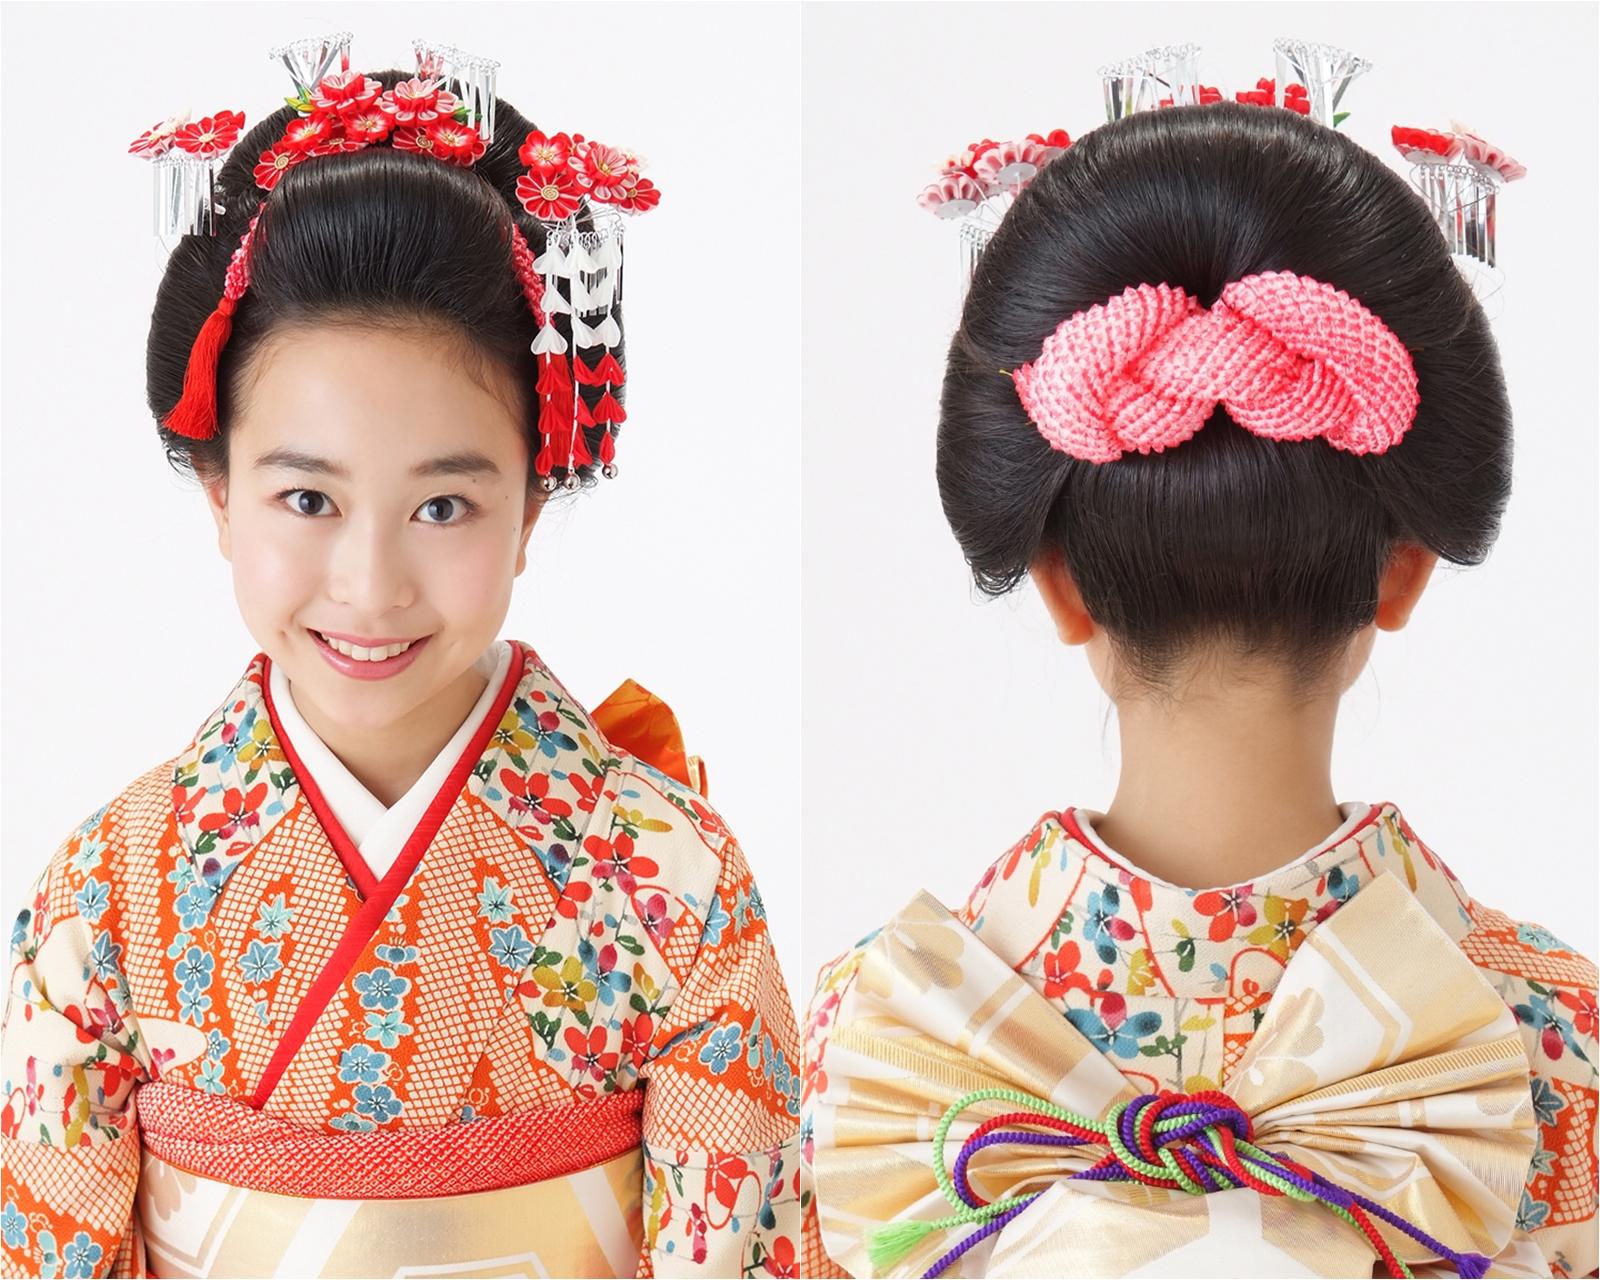 精錬された美しさが際立つ新日本髪